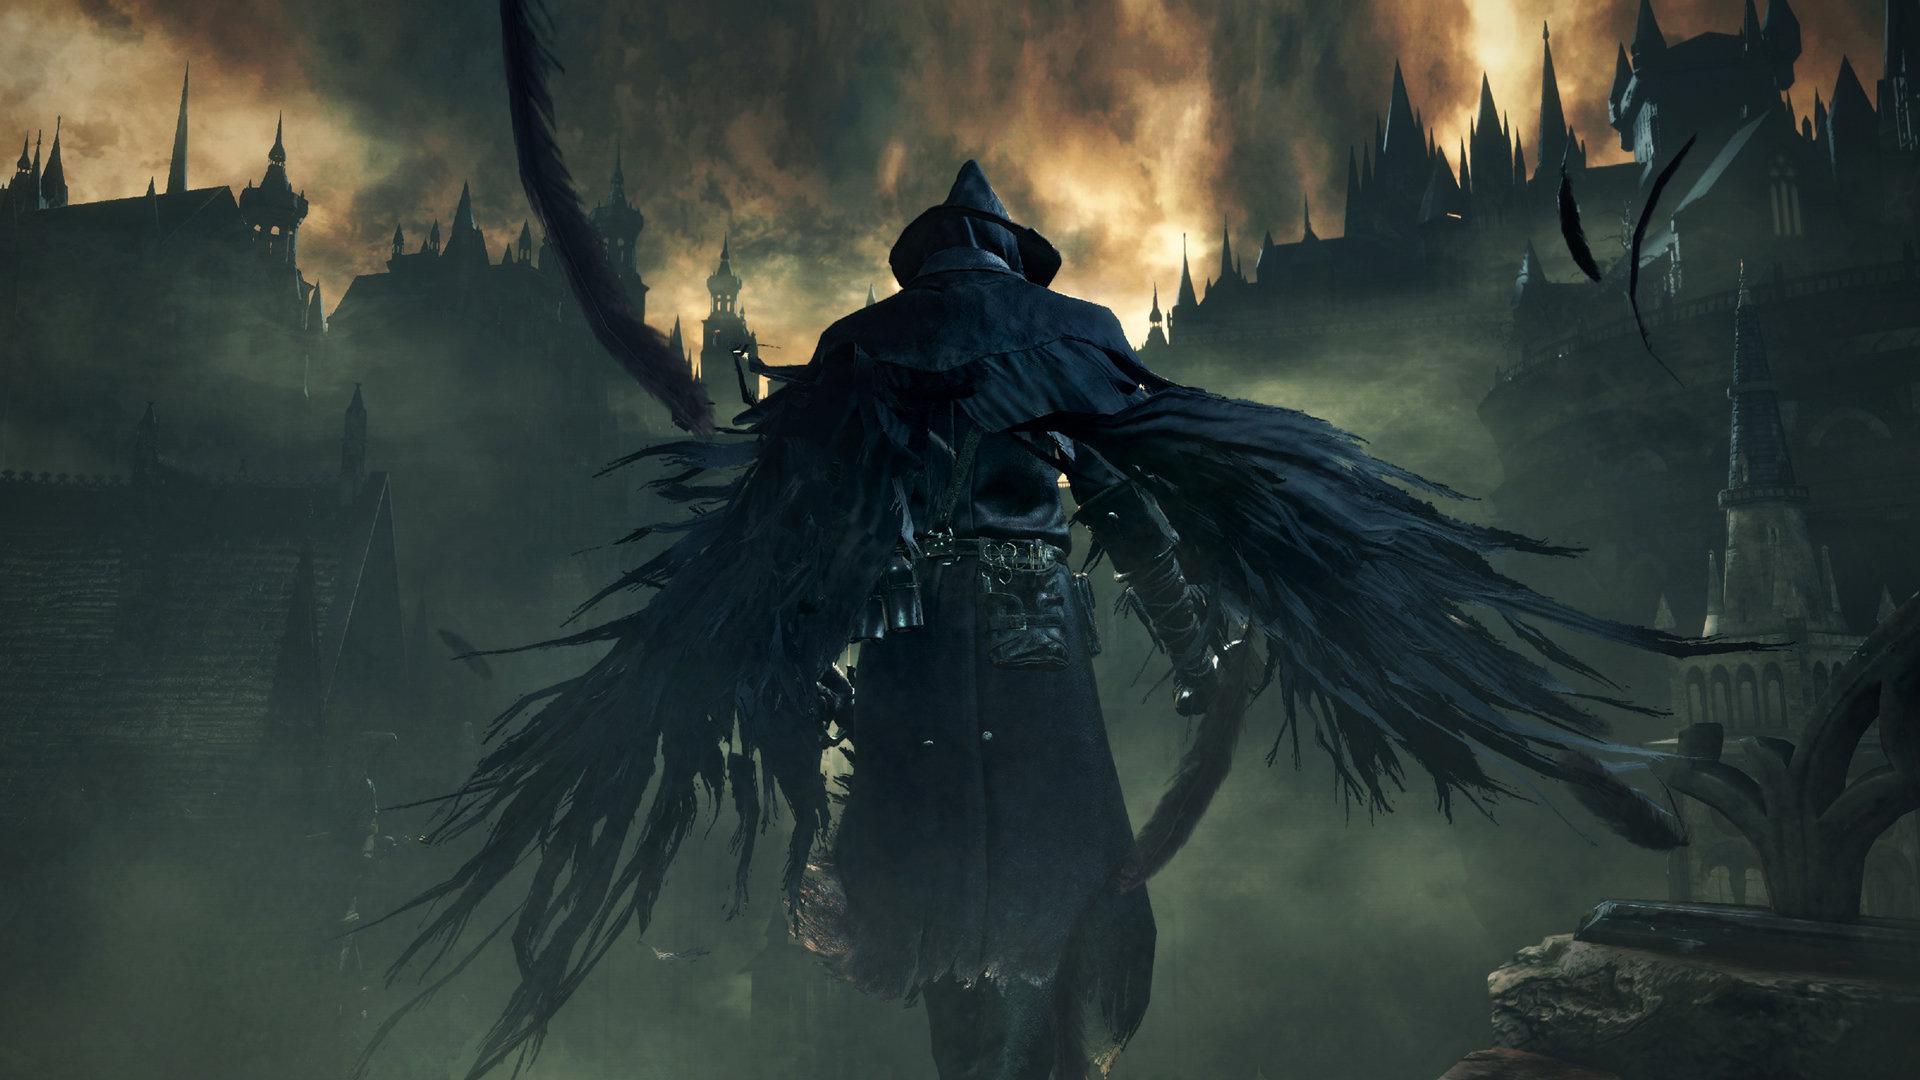 Слух: у Bloodborne будет амбициозный ремастер для PS5 и PC